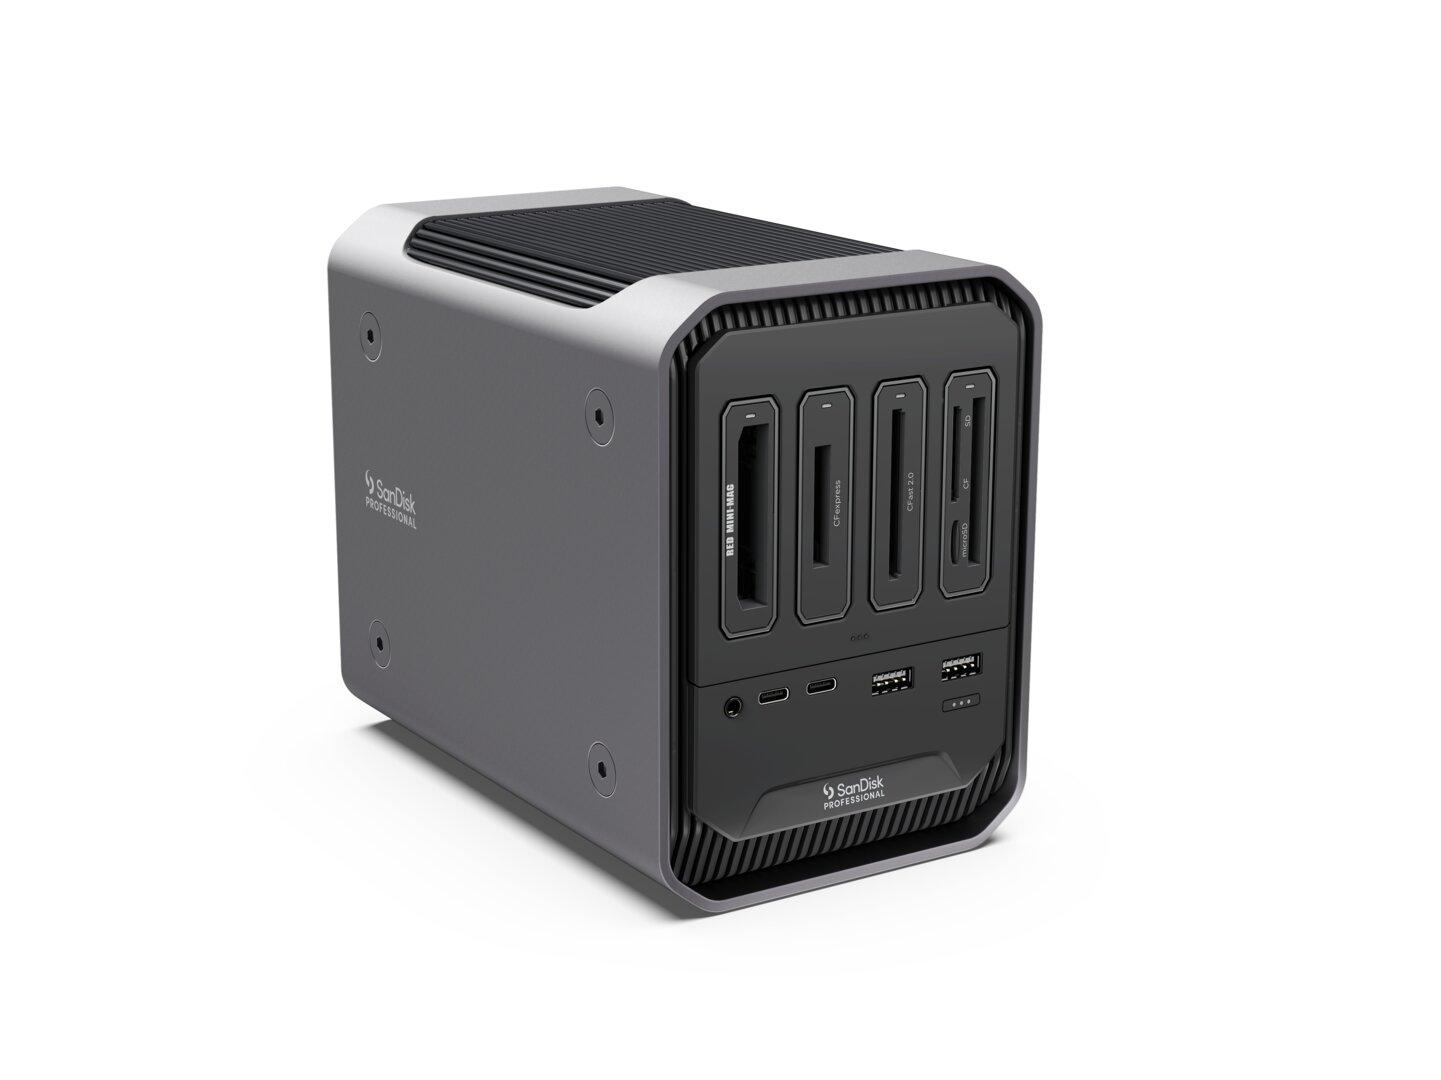 SanDisk Professional Pro-Dock 4